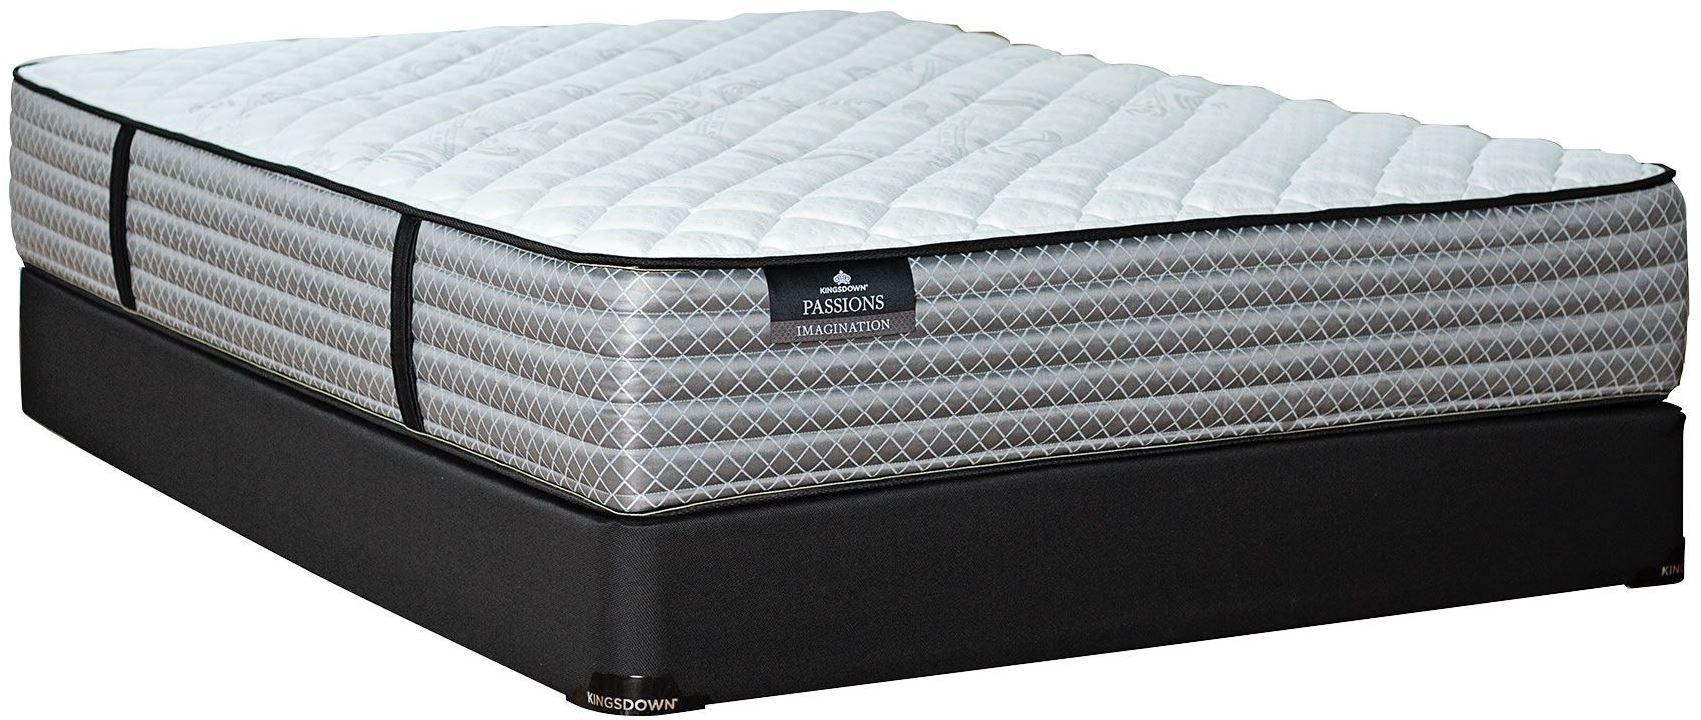 811823021574 fg 1213 tt1 fl kingsdown. Black Bedroom Furniture Sets. Home Design Ideas